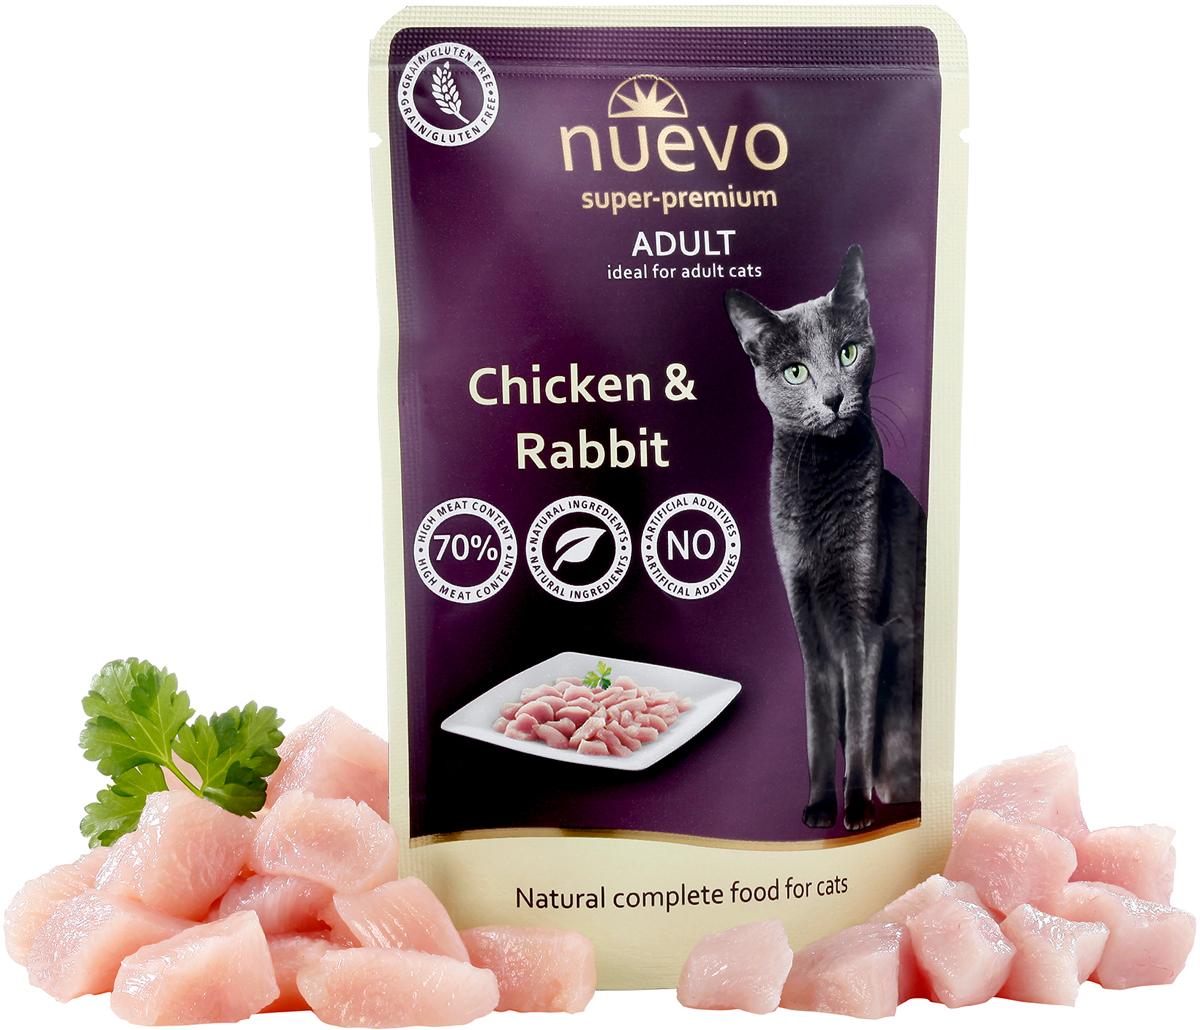 Консервы Nuevo для взрослых кошек, с курицей и мясом кролика, 85 г95206Консервы Nuevo для взрослых кошек - деликатесное питание, которое содержит 72% свежего мяса курицы и кролика, высококачественное масло лосося, что в целом позволяет поддерживать здоровье иммунной системы для обеспечения здоровой активной жизни вашей кошки. Состав: 72% мяса (40% мяса курицы, 32% мяса кролика), 26,5% куриного бульона, 1% минералов, 0,5% масла лосося. Анализ: белок 10,8%, жир 6,5%, сырая зола 2,4%, сырая клетчатка 0,5%, влага 77%, кальций 0,25%, фосфор 0,20%, таурин 1500 мг.Товар сертифицирован.